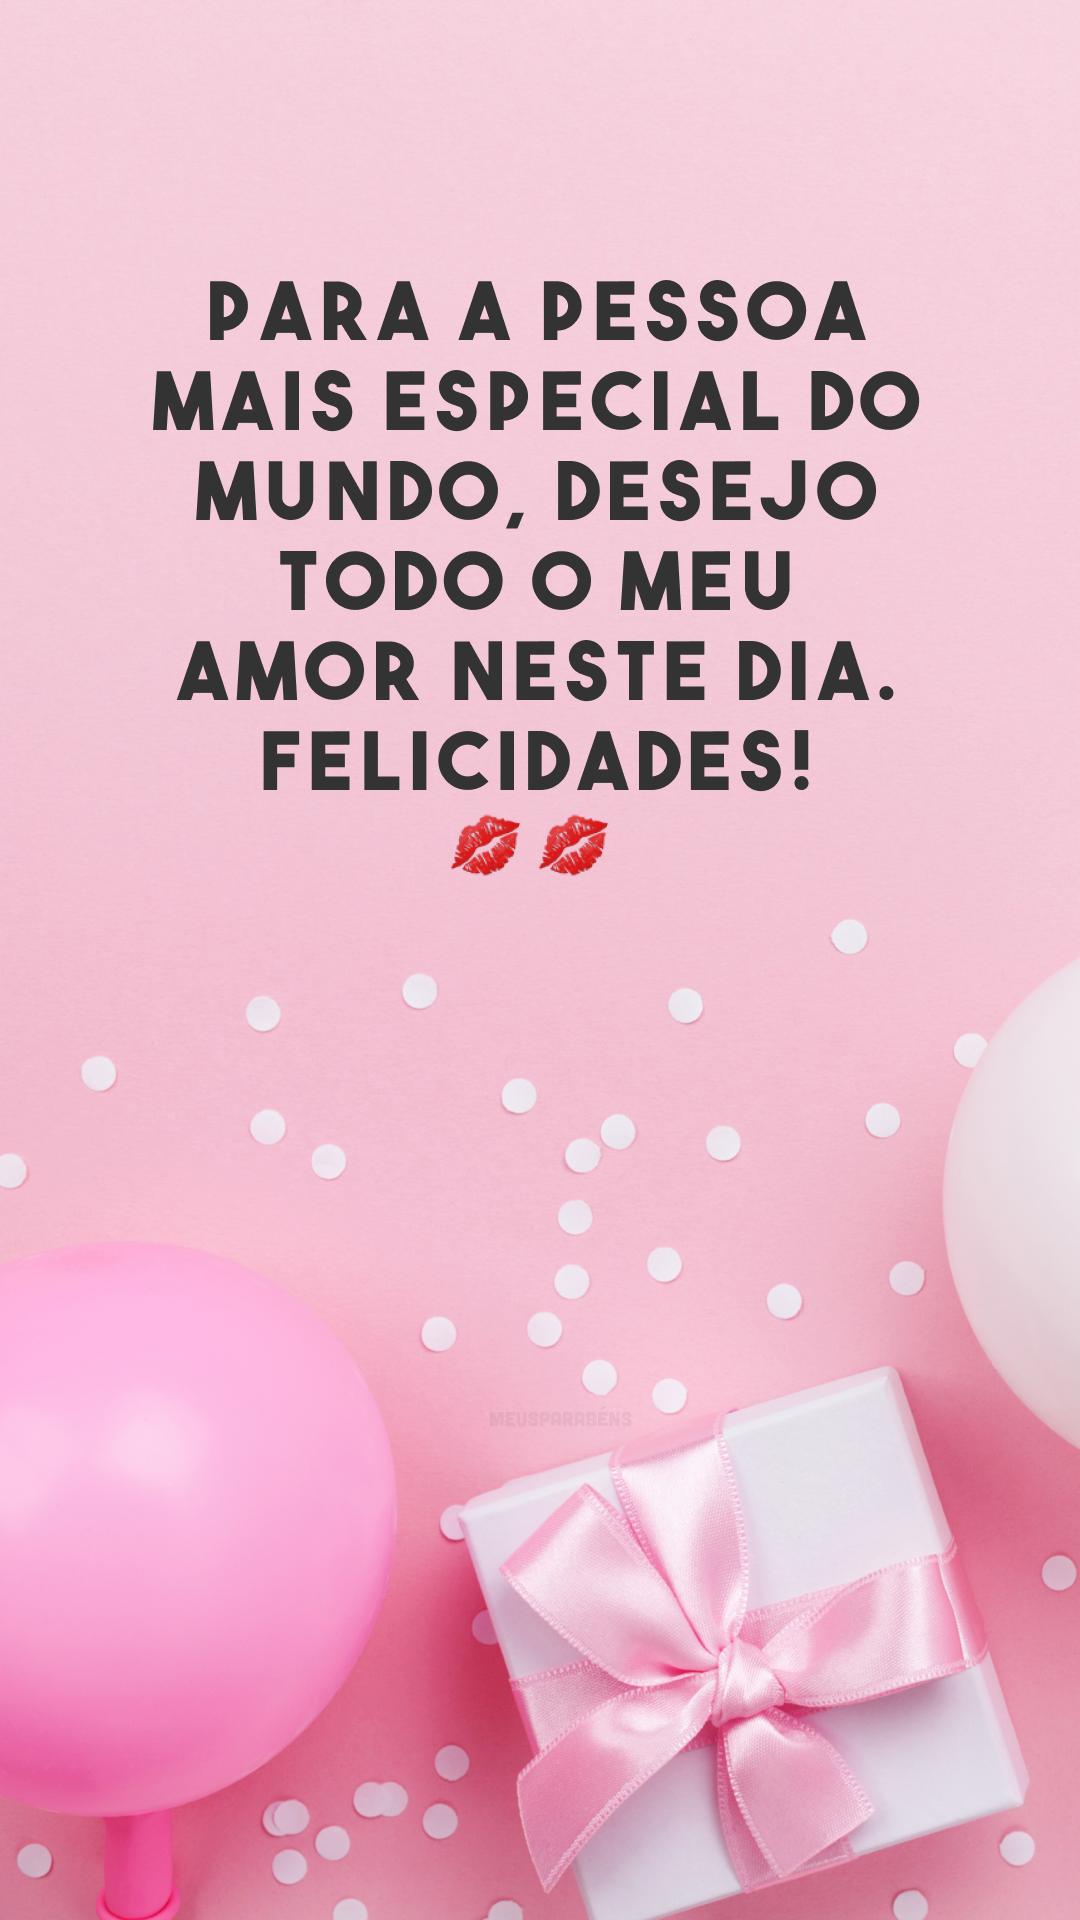 Para a pessoa mais especial do mundo, desejo todo o meu amor neste dia. Felicidades! 💋💋<br />